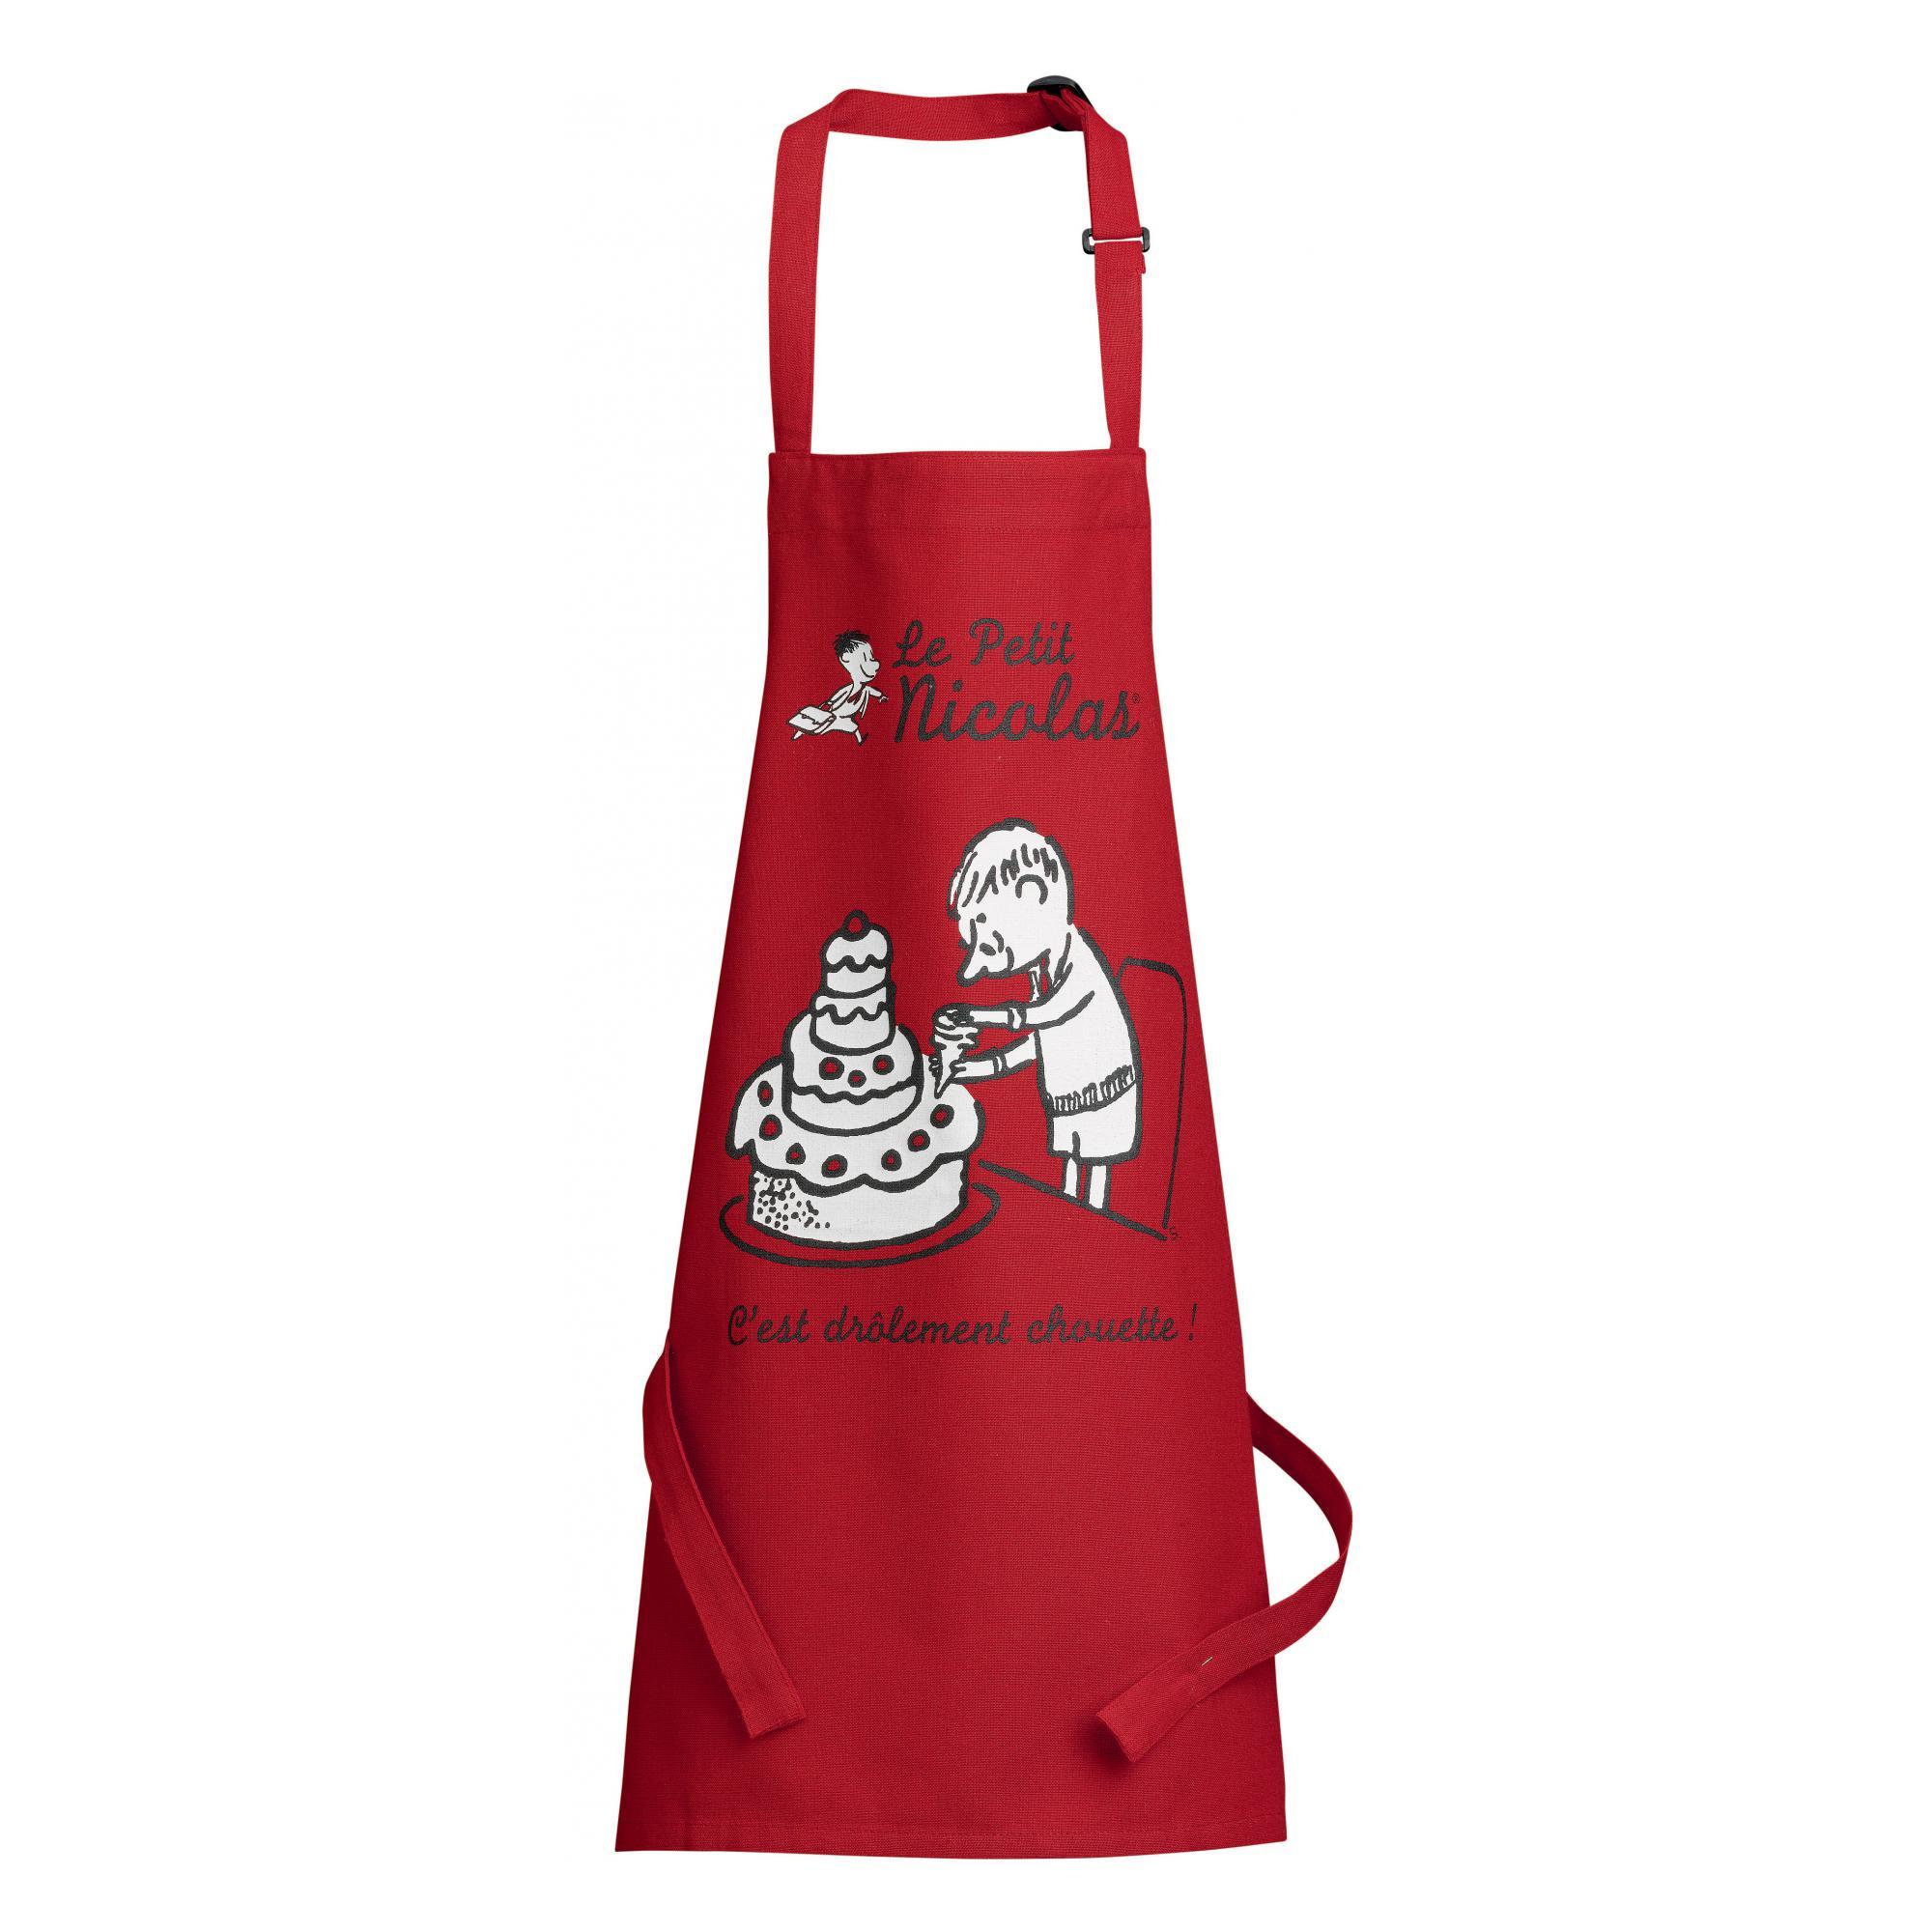 Tablier de cuisine enfant Le petit Nicolas Pièce monté rouge 52 x 63